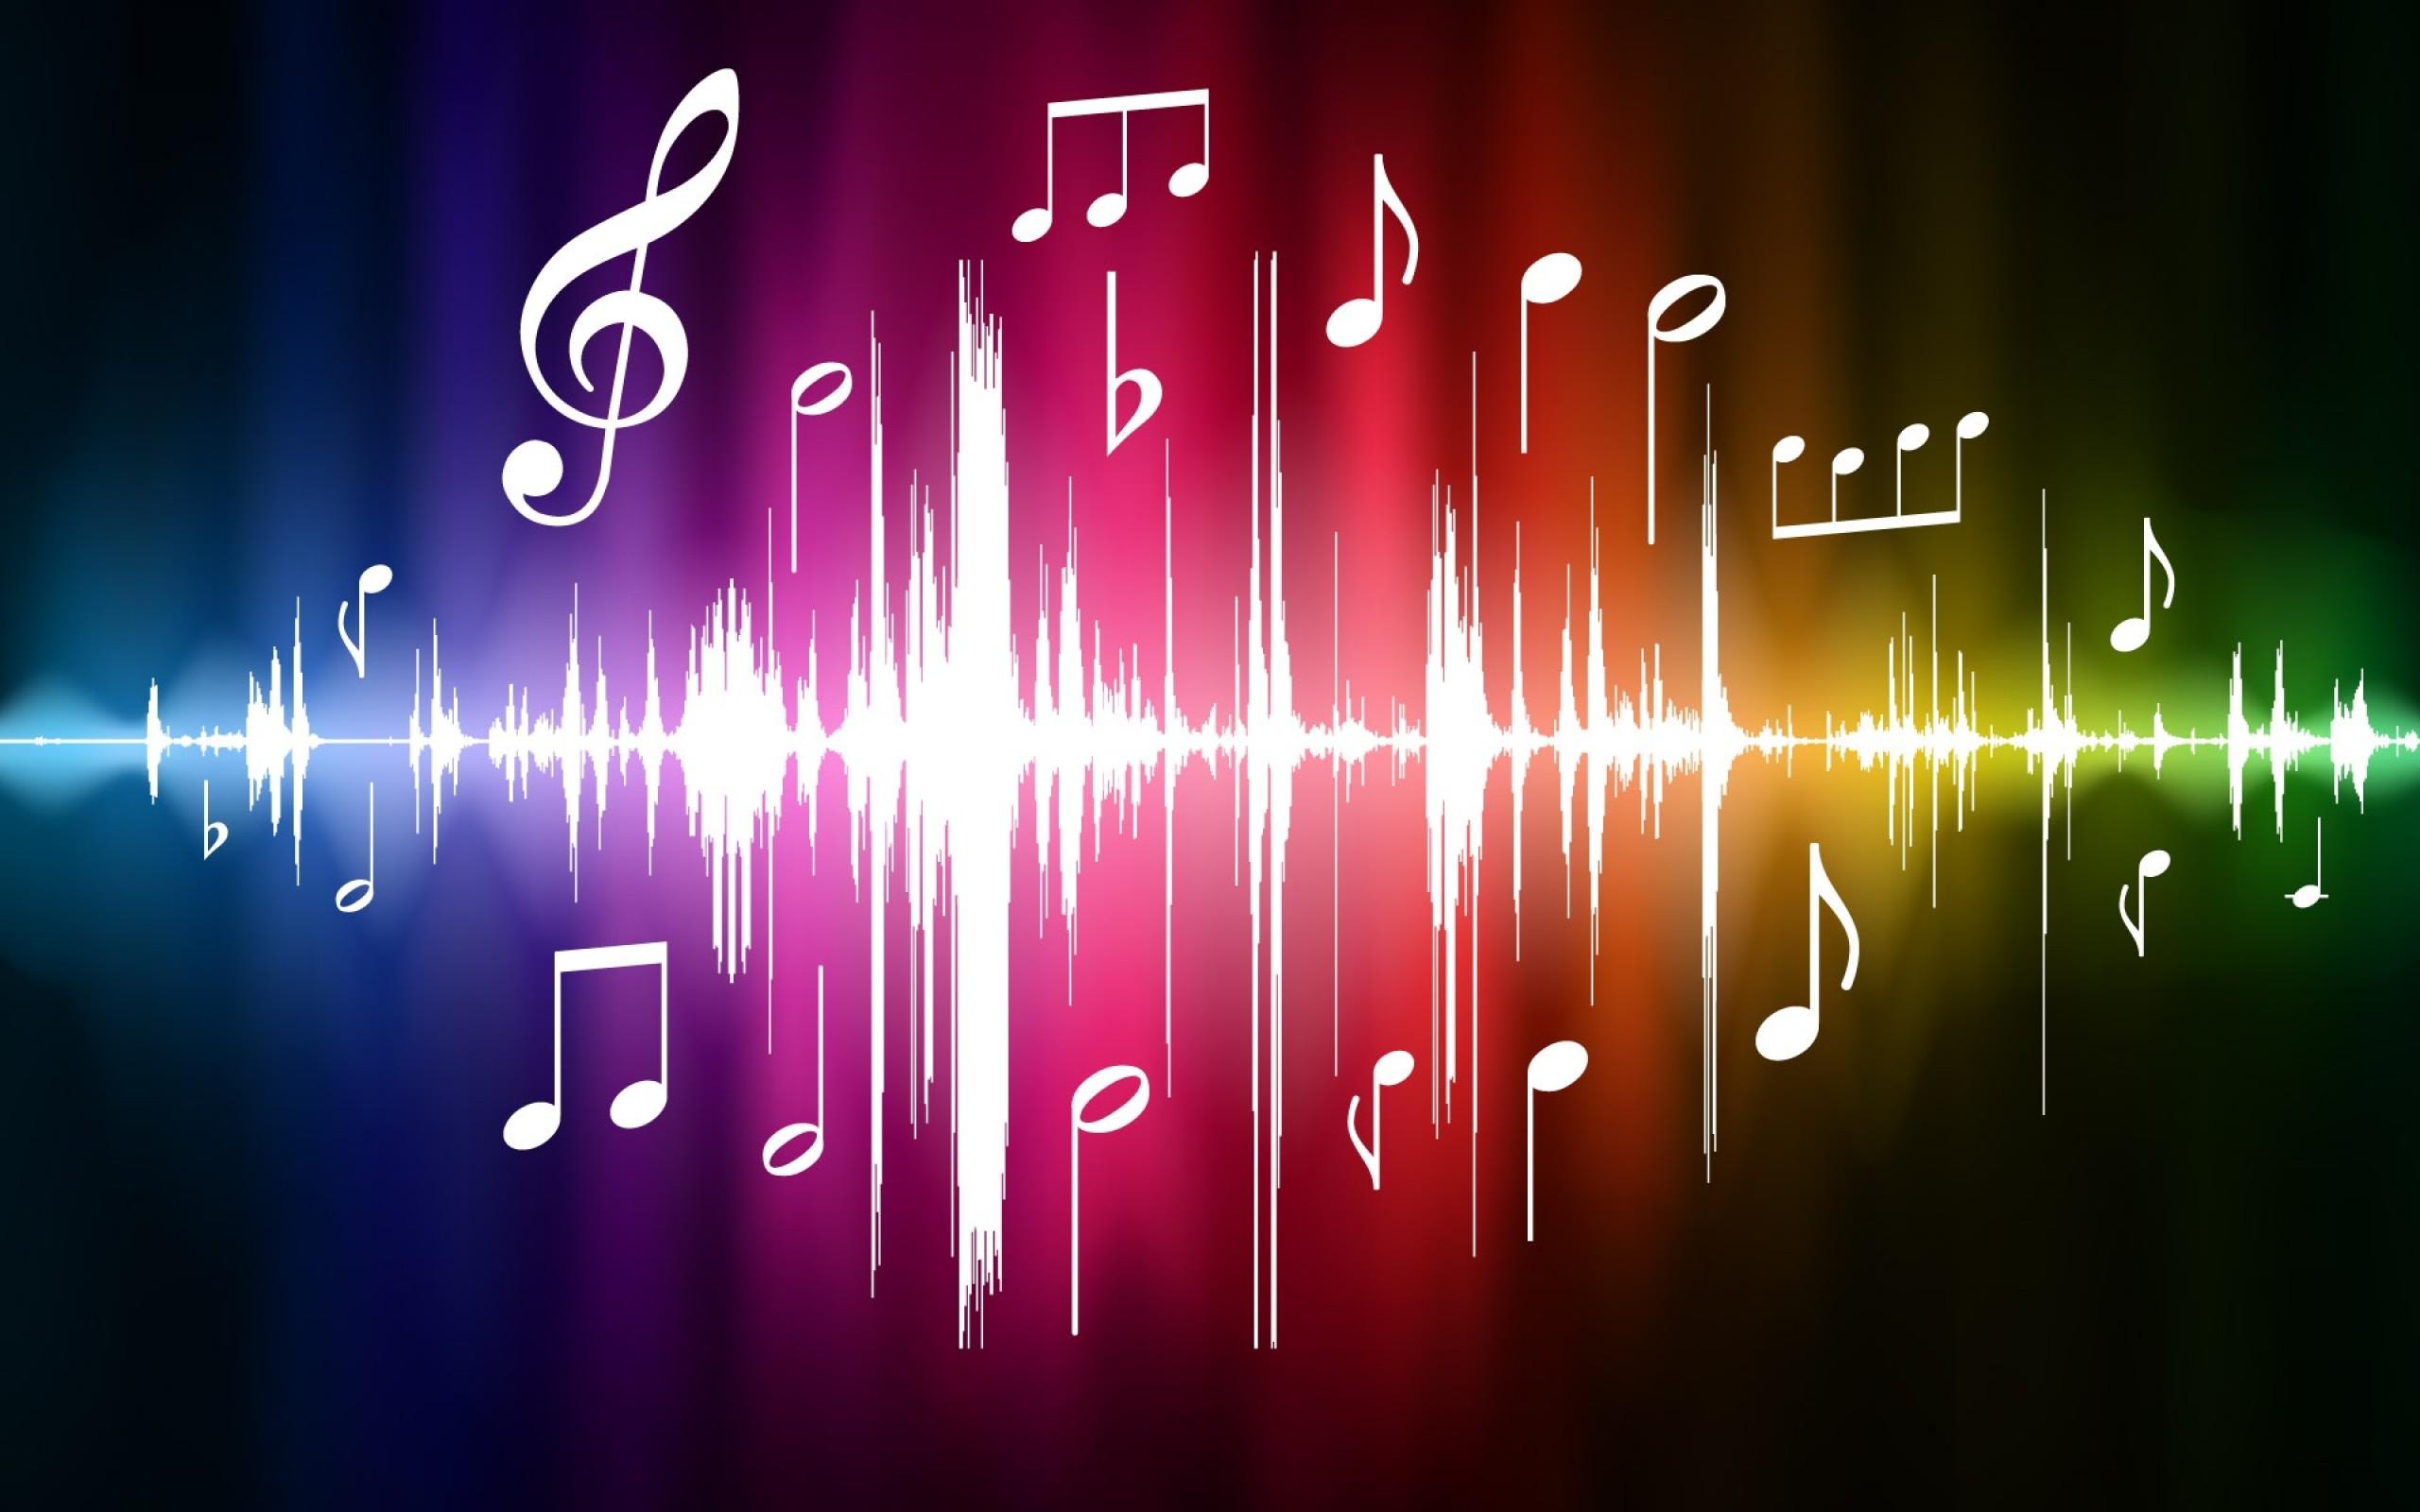 Vector music spectrum online Wallpapers   2560x1600 Best wallpaper 2560x1600